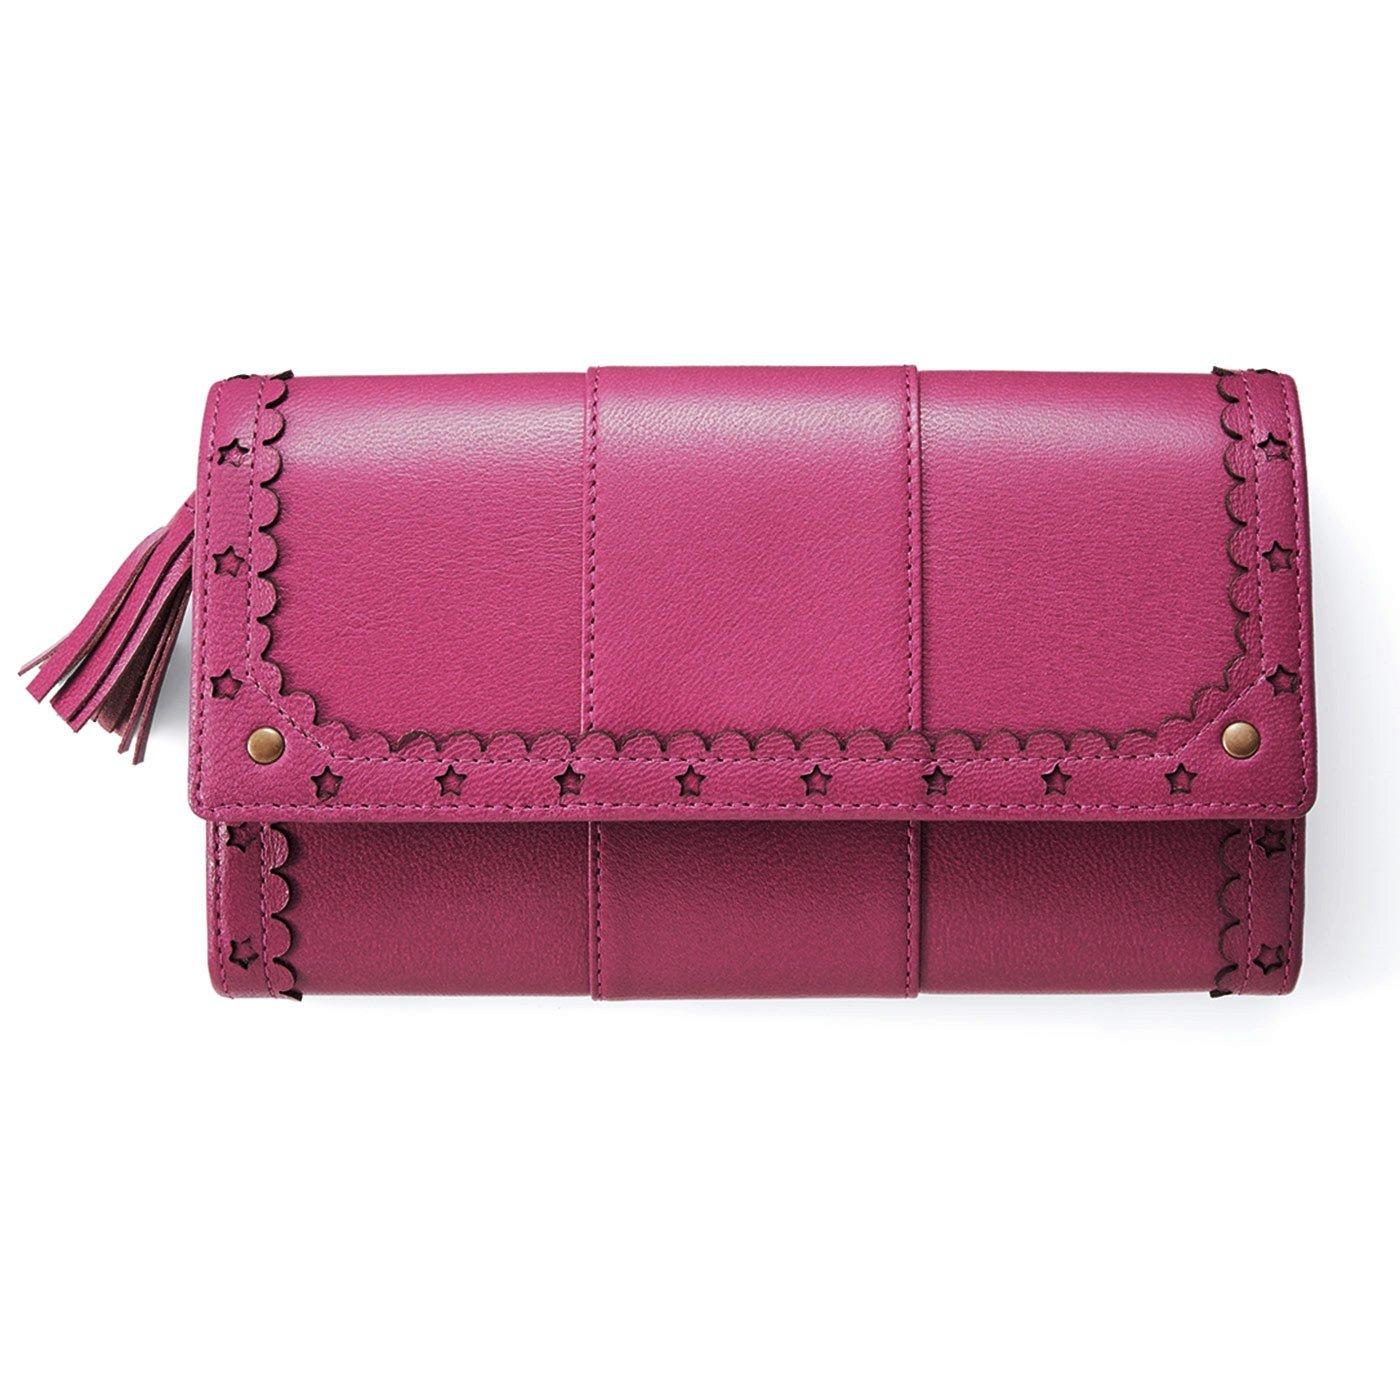 はまじとコラボ リブ イン コンフォート ずっと使いたい とっておきの本革長財布〈ピンク〉